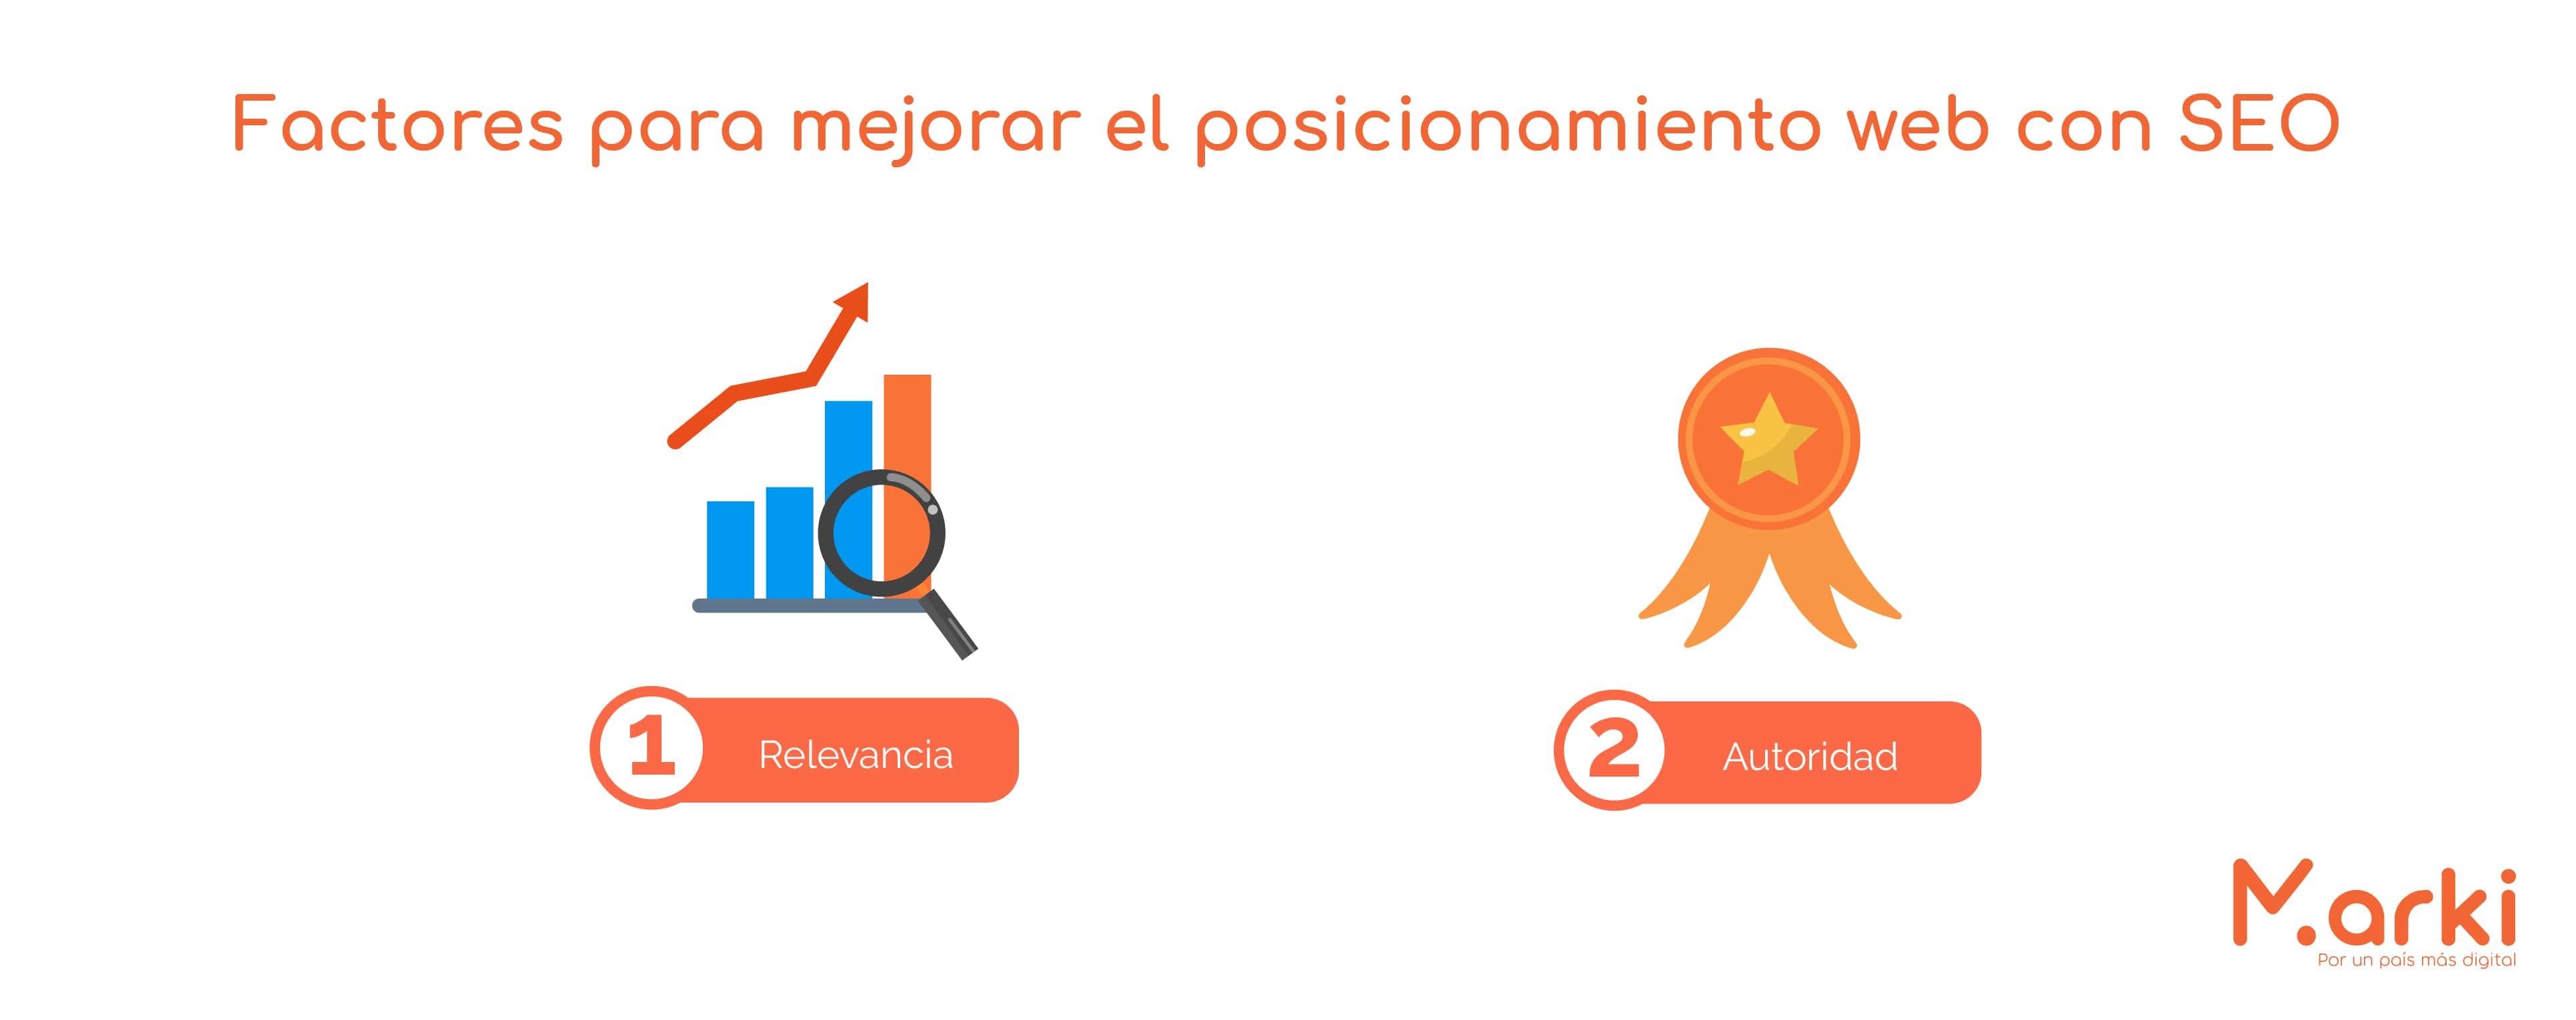 factores para mejorar seo seo que es y como funciona seo como funciona mejorar posicionamiento web que significa seo en marketing digital como funciona el seo marki diseño marki voluntariado marki